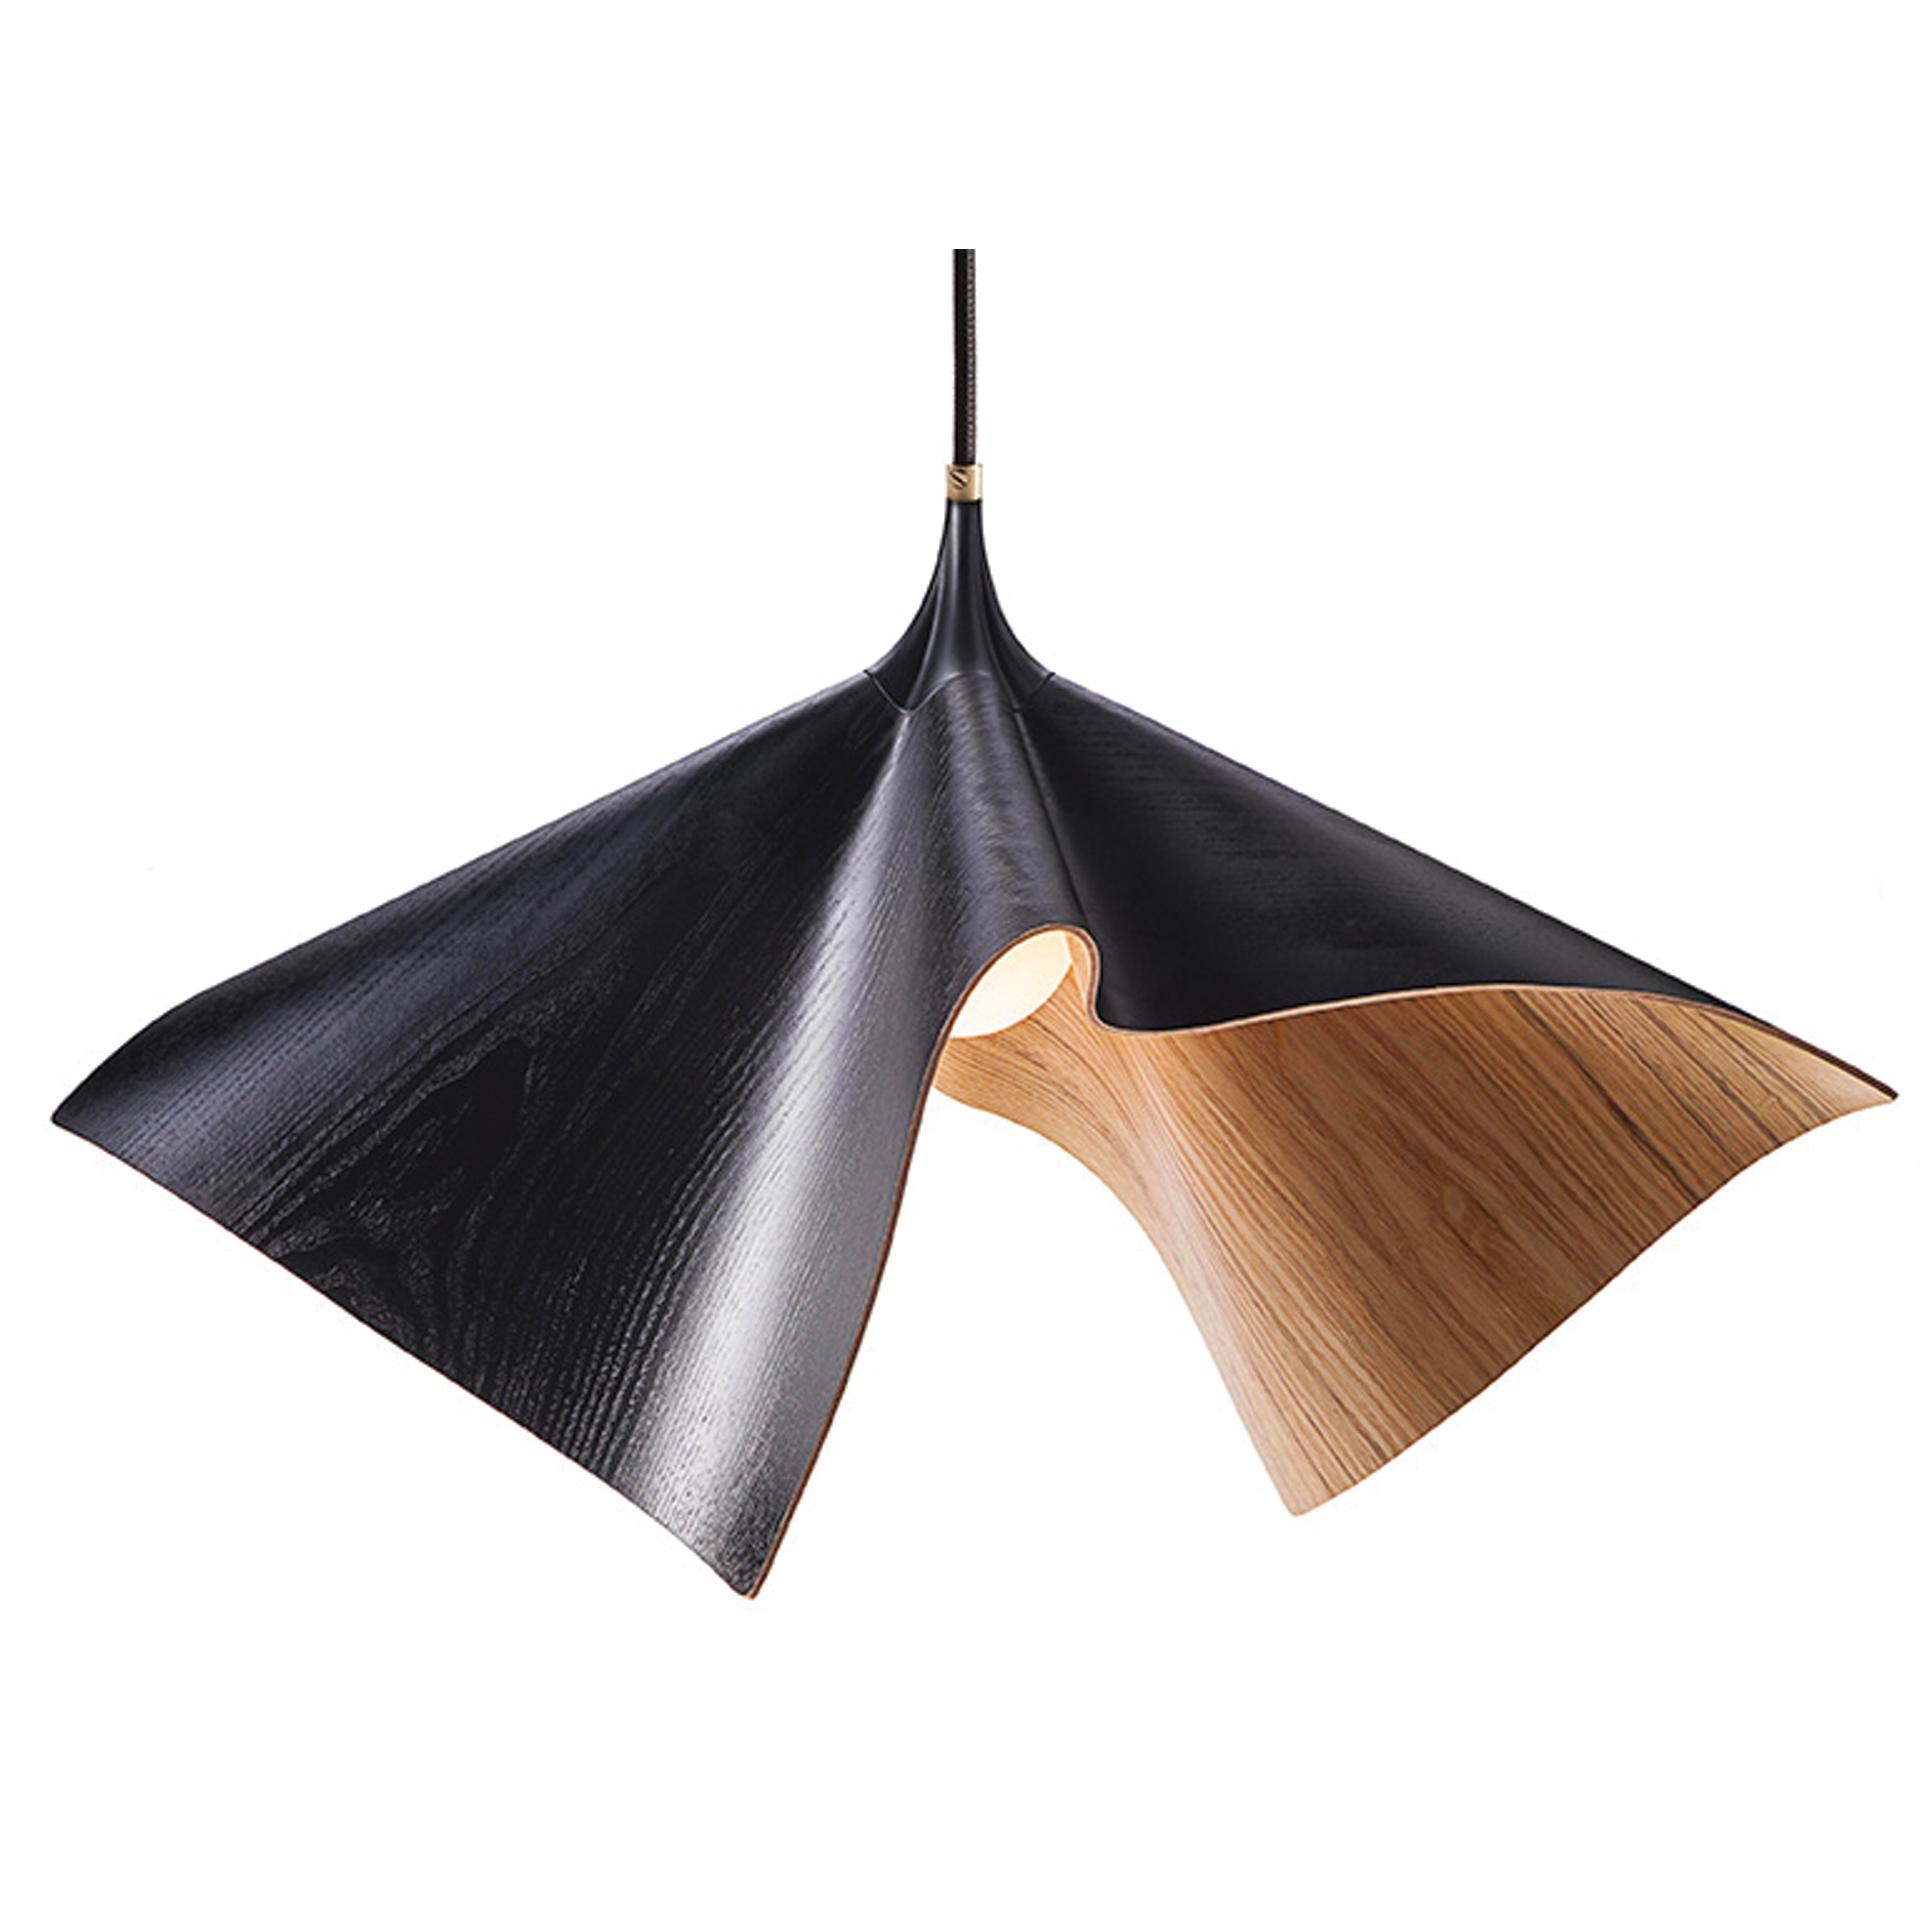 Bloom P – Light Wood & Black